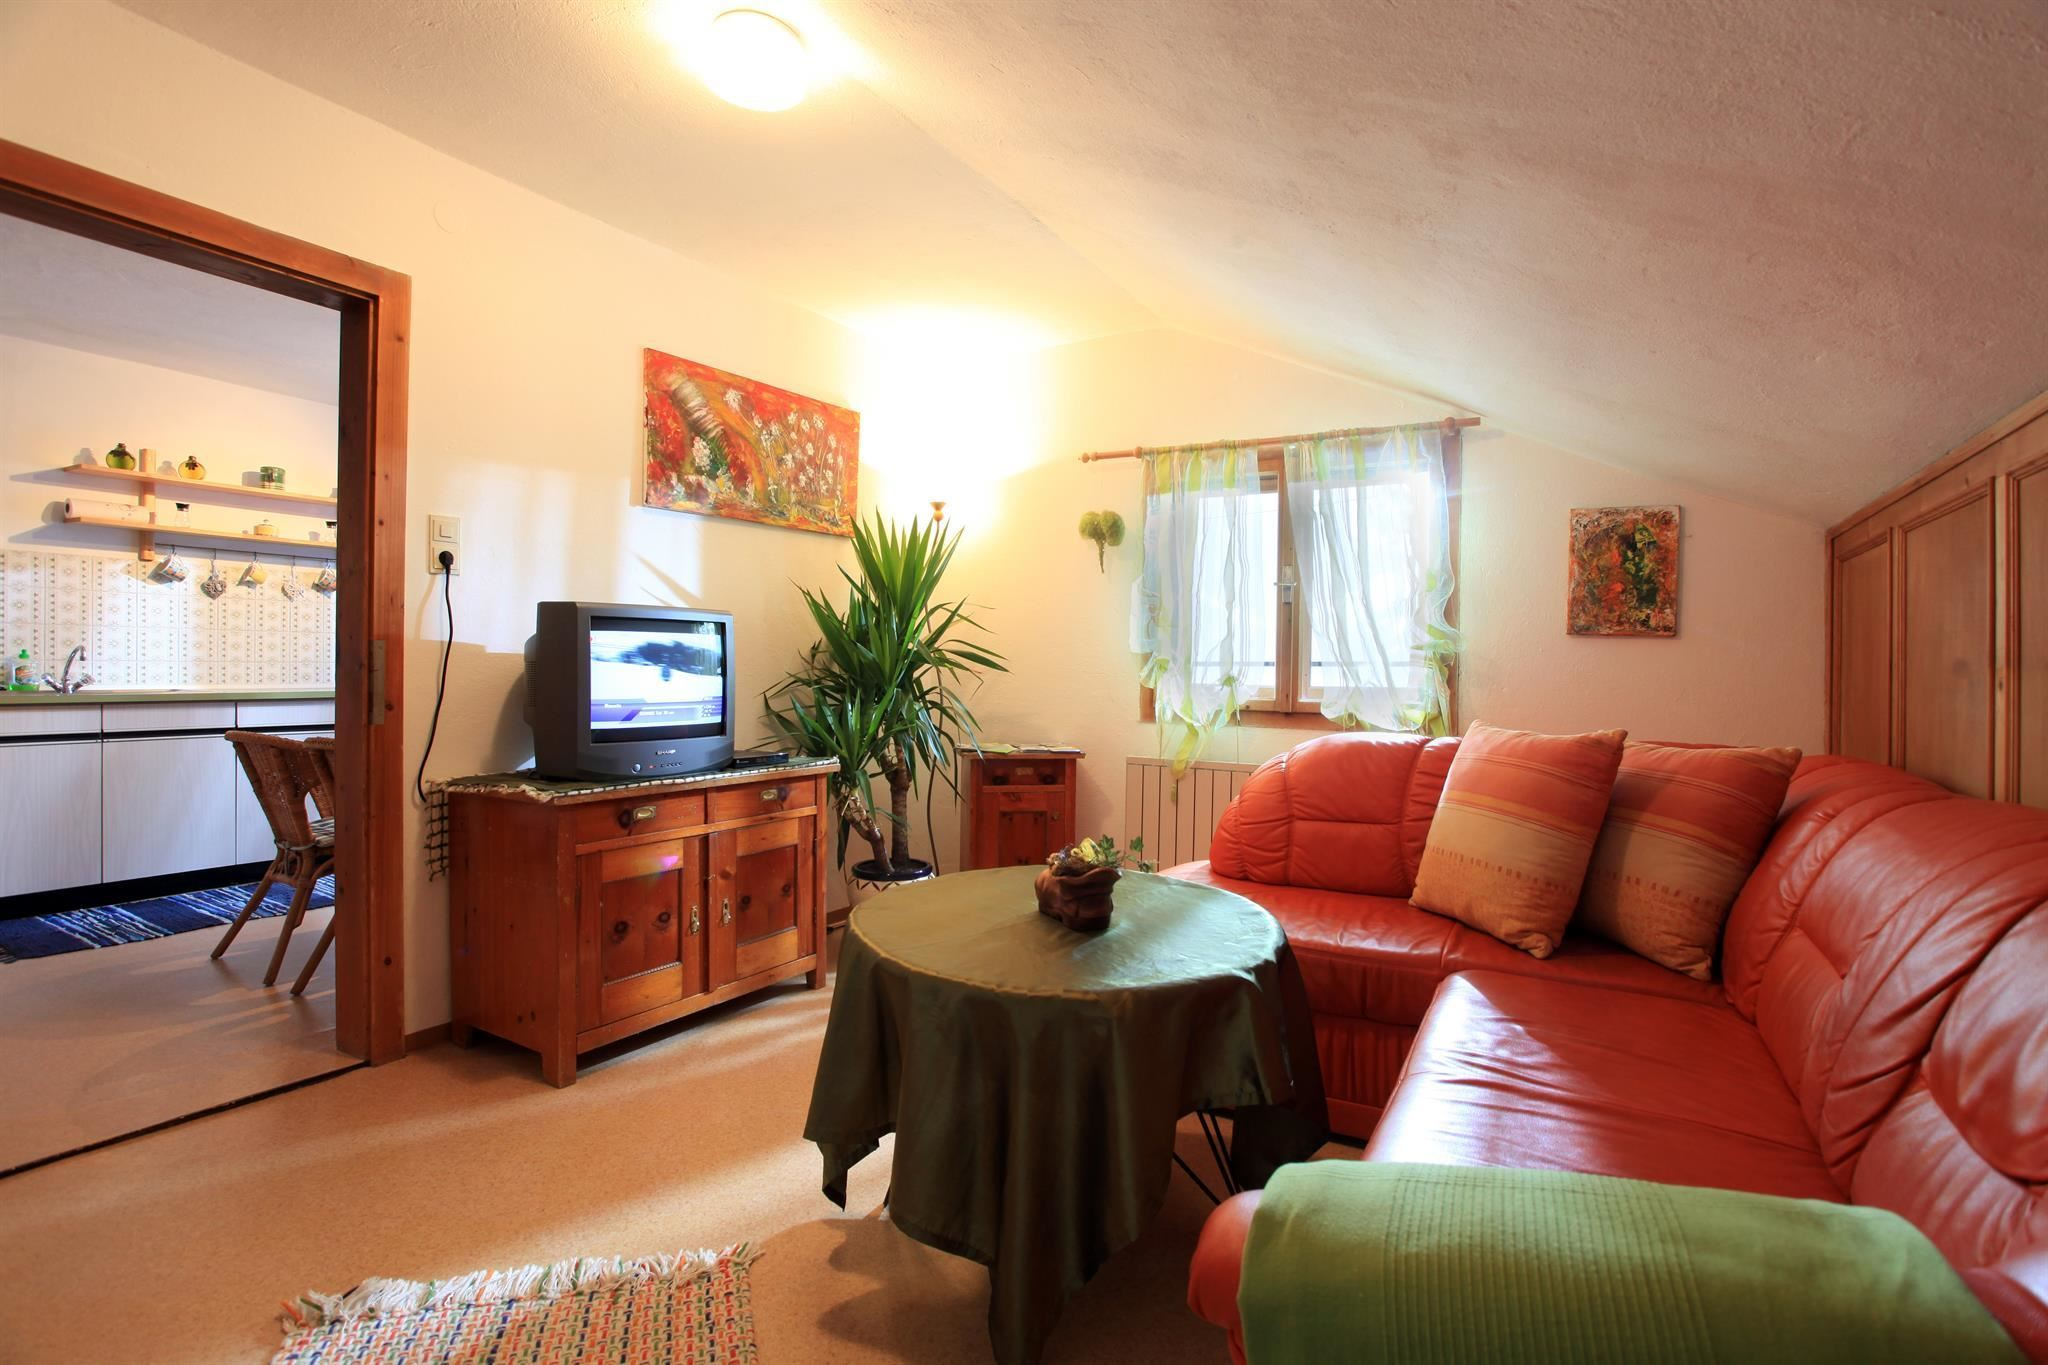 Appartement unting   westendorf